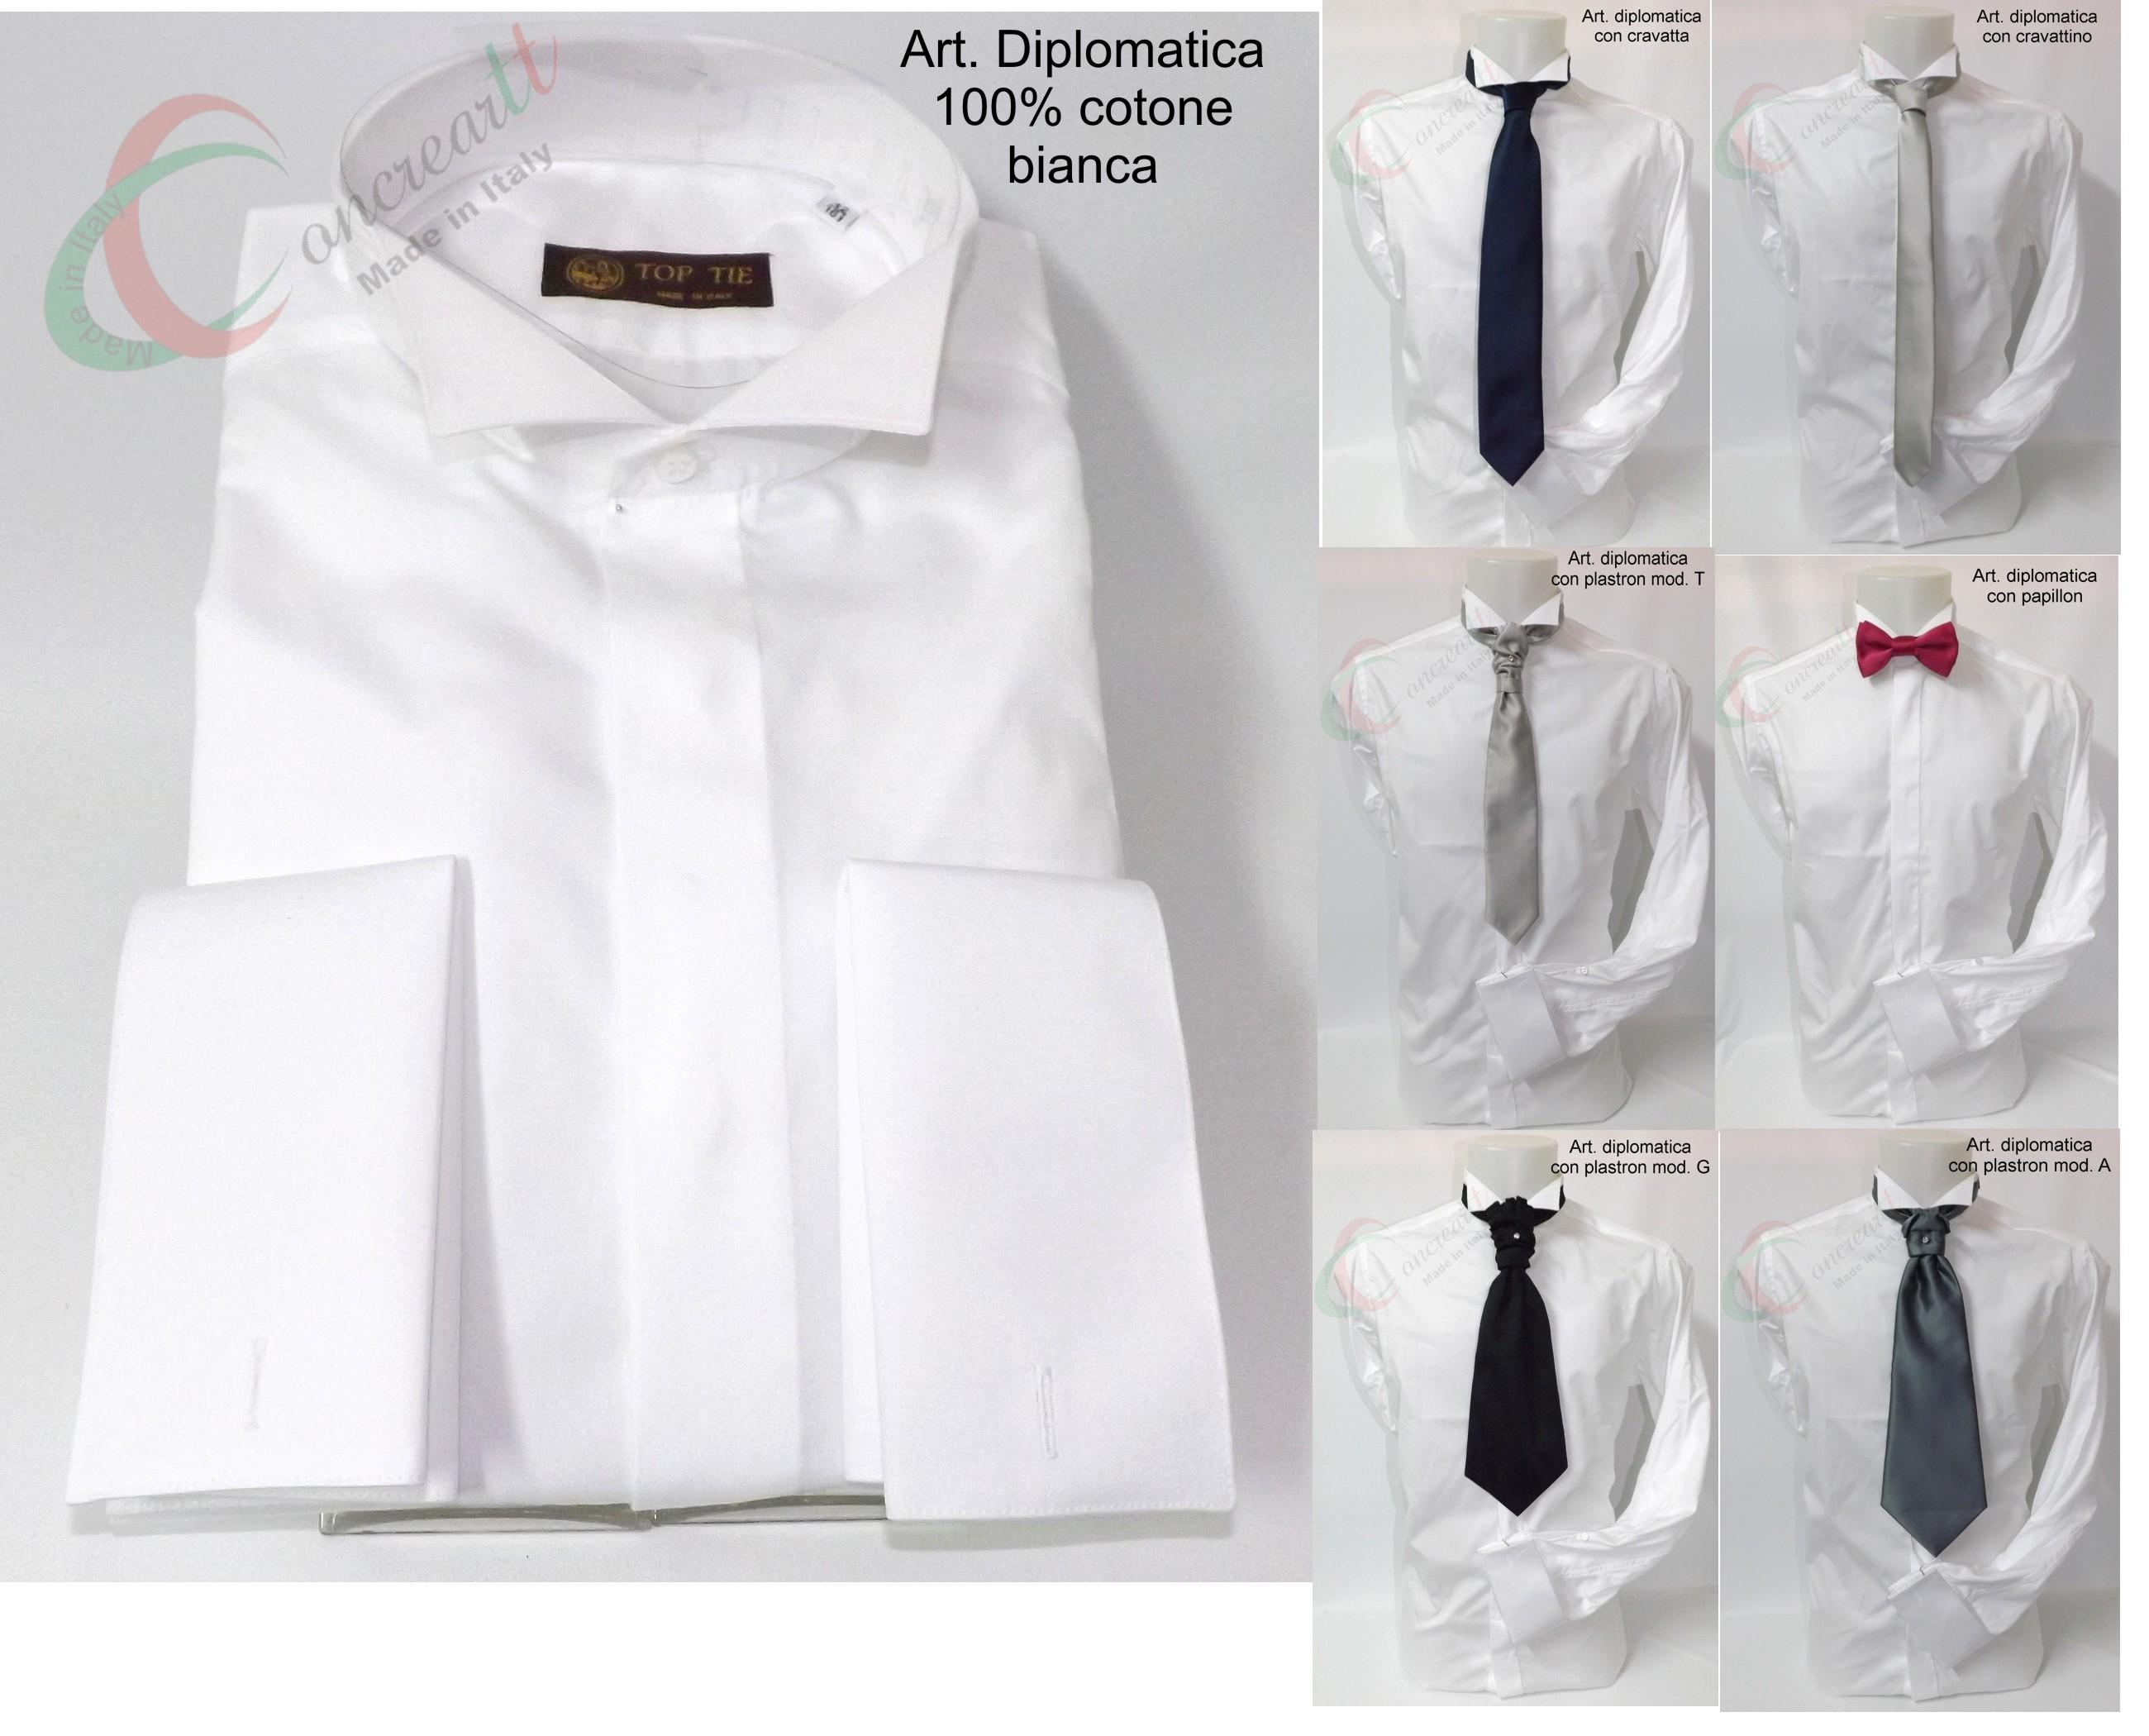 design di qualità 2e829 e84c7 Camicia diplomatica bianca uomo sartoriale italiana collo ...